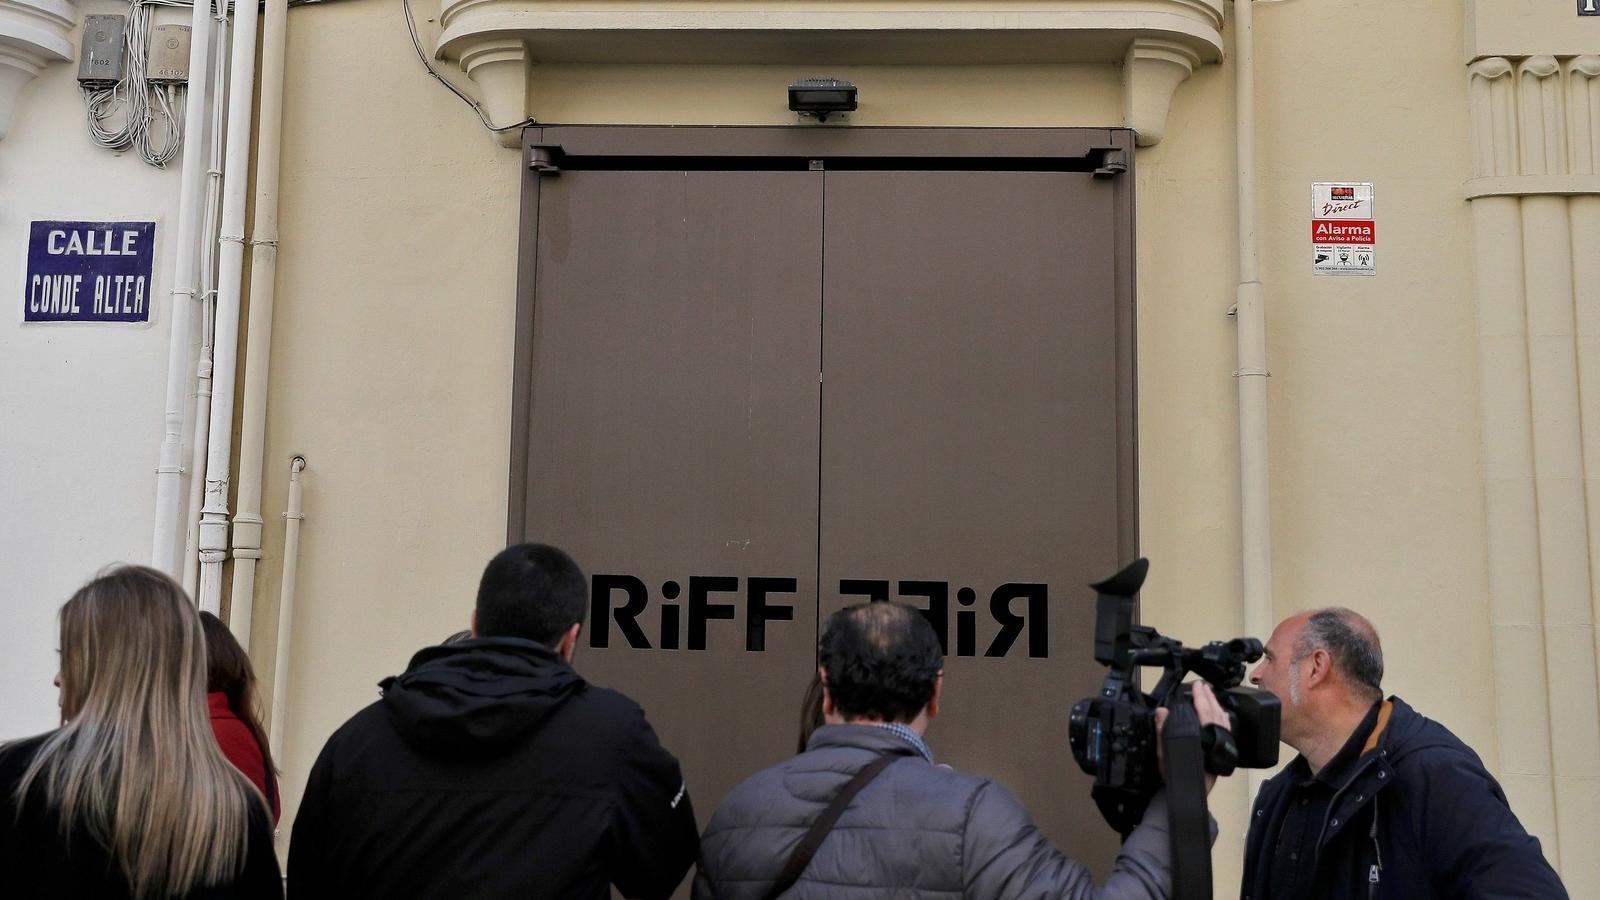 El restaurant Riff de València ha tancat fins que s'esclareixi la mort d'una clienta